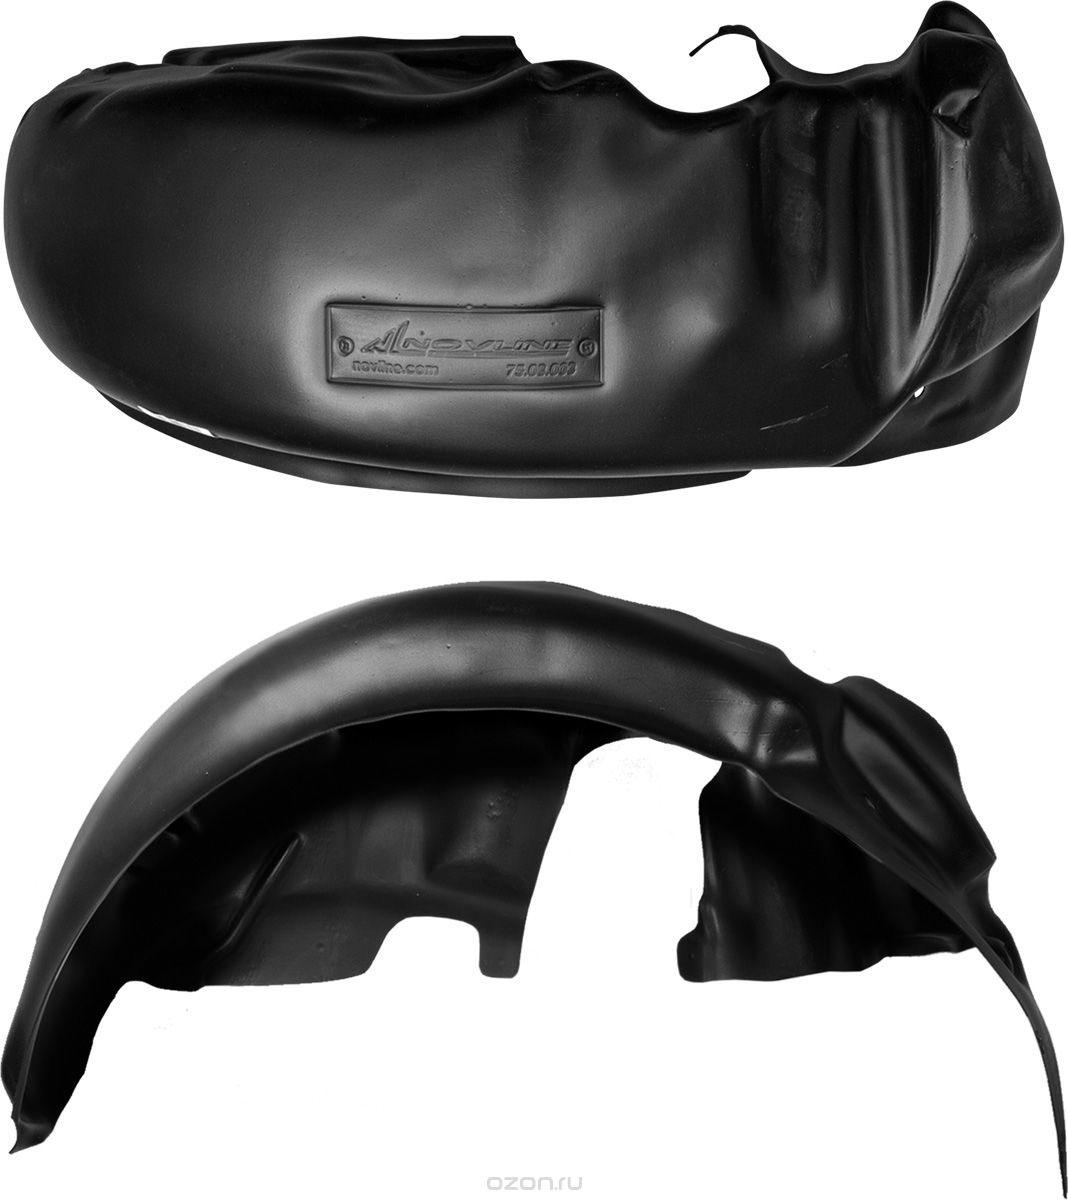 Подкрылок Novline-Autofamily, для Kia Cerato, 03/2009-2013, передний левыйNLL.25.26.001Идеальная защита колесной ниши. Локеры разработаны с применением цифровых технологий, гарантируют максимальную повторяемость поверхности арки. Изделия устанавливаются без нарушения лакокрасочного покрытия автомобиля, каждый подкрылок комплектуется крепежом. Уважаемые клиенты, обращаем ваше внимание, что фотографии на подкрылки универсальные и не отражают реальную форму изделия. При этом само изделие идет точно под размер указанного автомобиля.